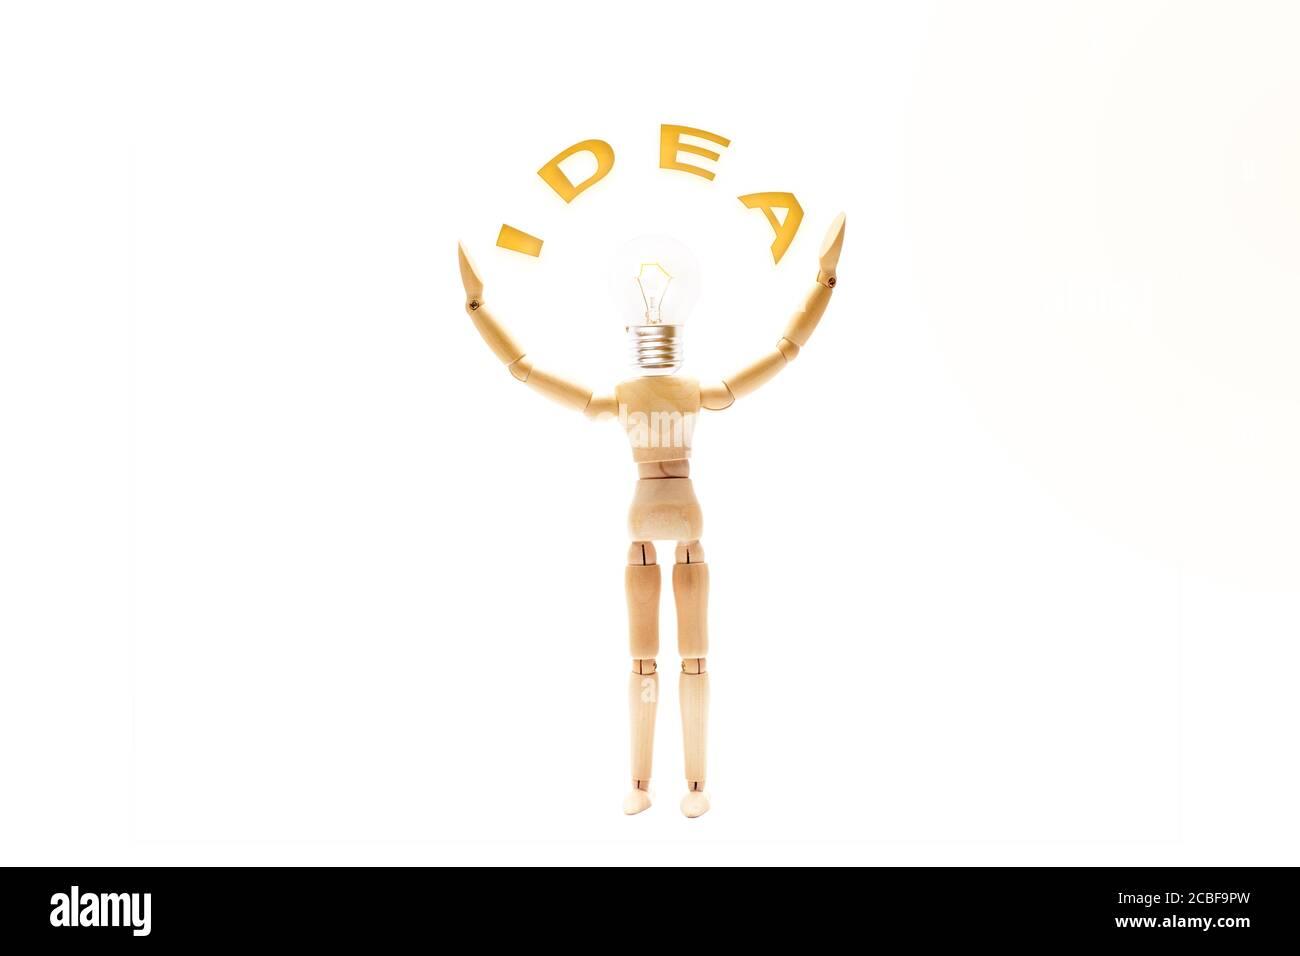 Maniquí con la cabeza de la bombilla y los brazos arriba sosteniendo la palabra IDEA. Concepto creativo e innovación Foto de stock